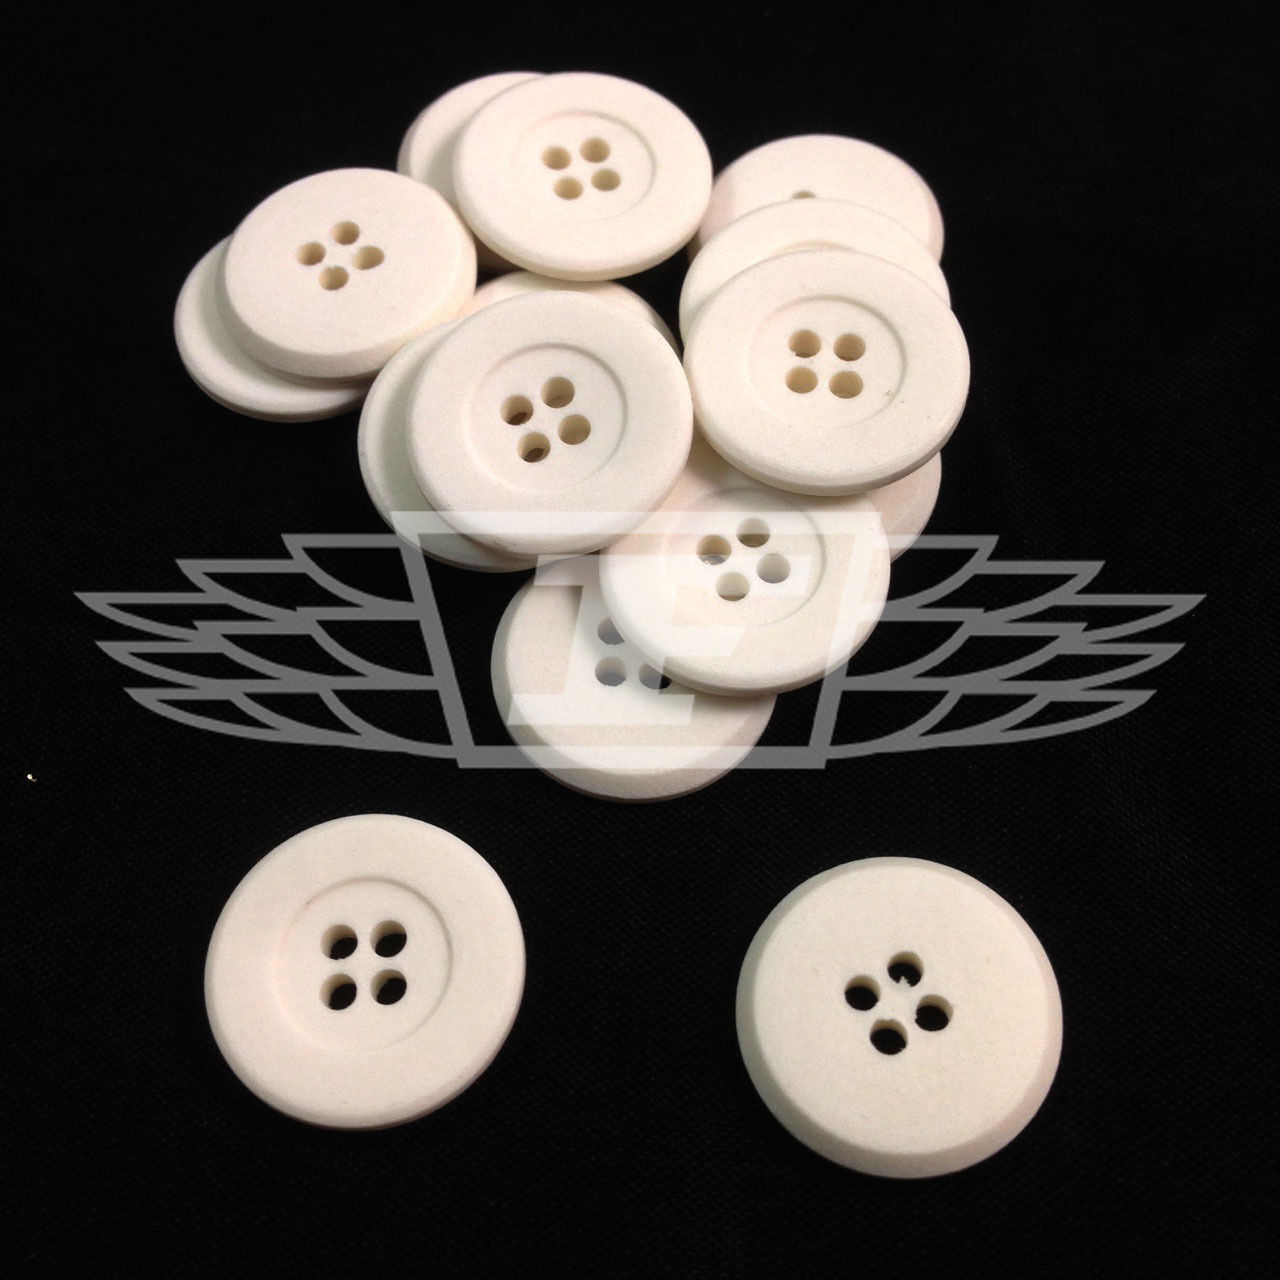 27699-28 Paquete De 10 De 18 Mm Blanco Mate plana de plástico de cuatro agujeros botón Botones Btn